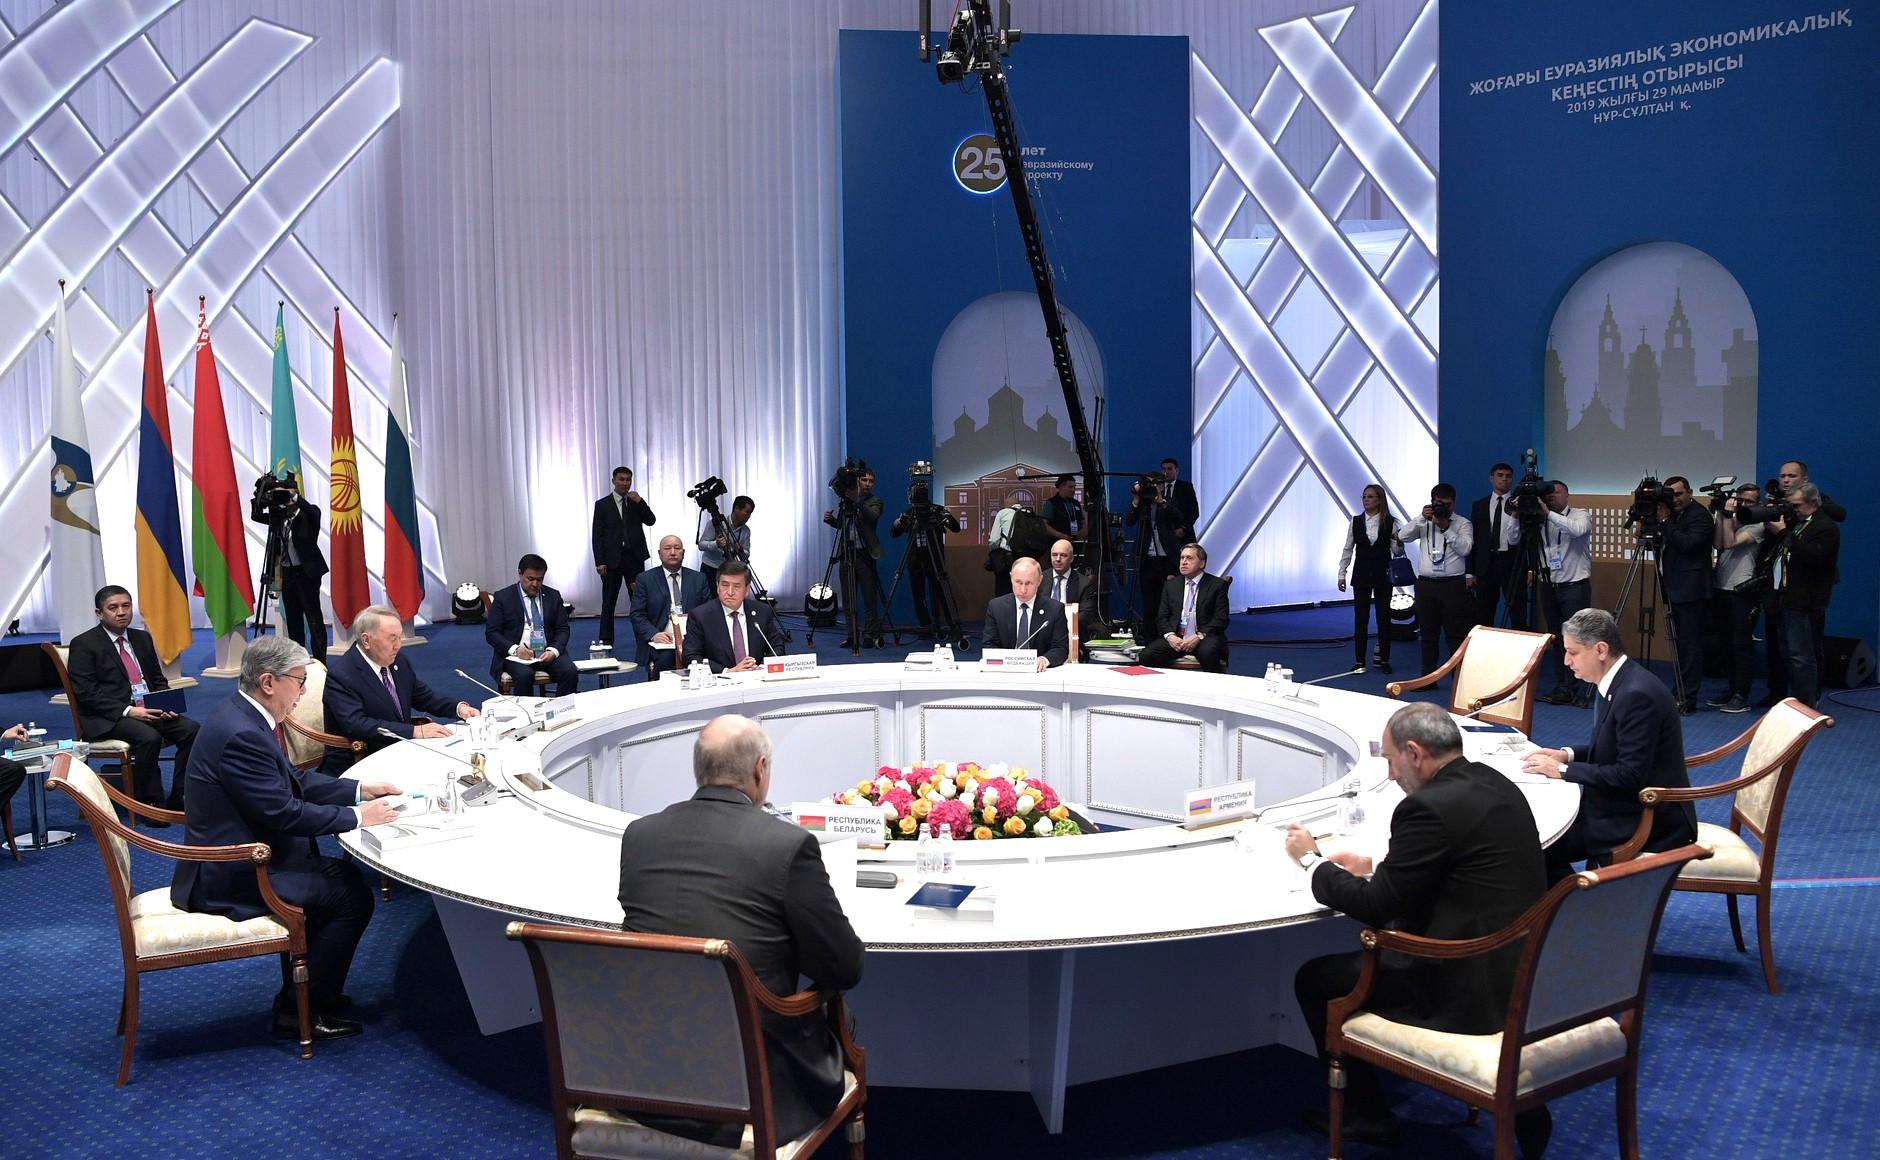 Заседание Высшего Евразийского экономического совета (ЕАЭС)